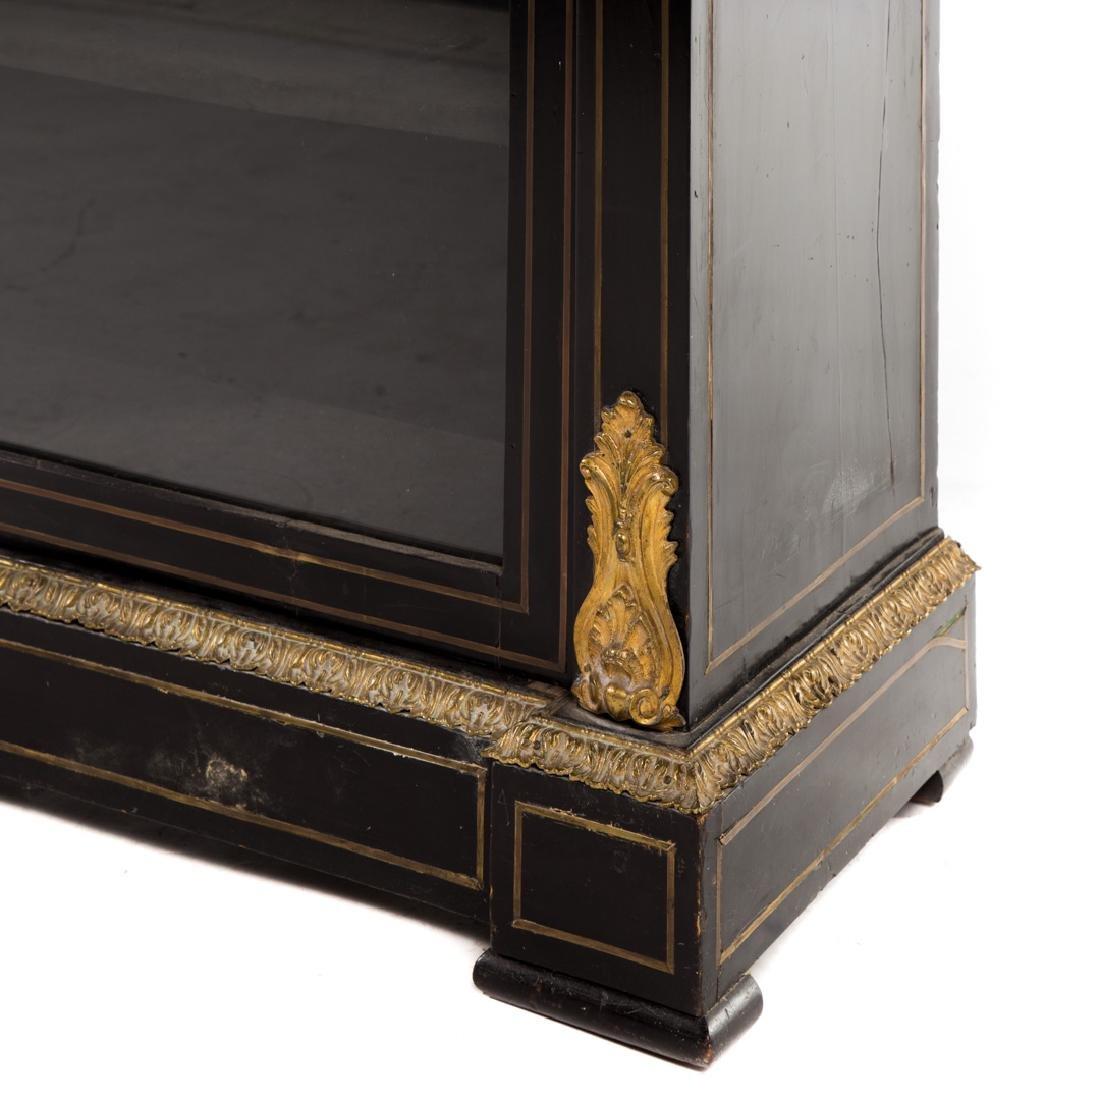 Napoleon III ebonized wood bibliotheque - 5